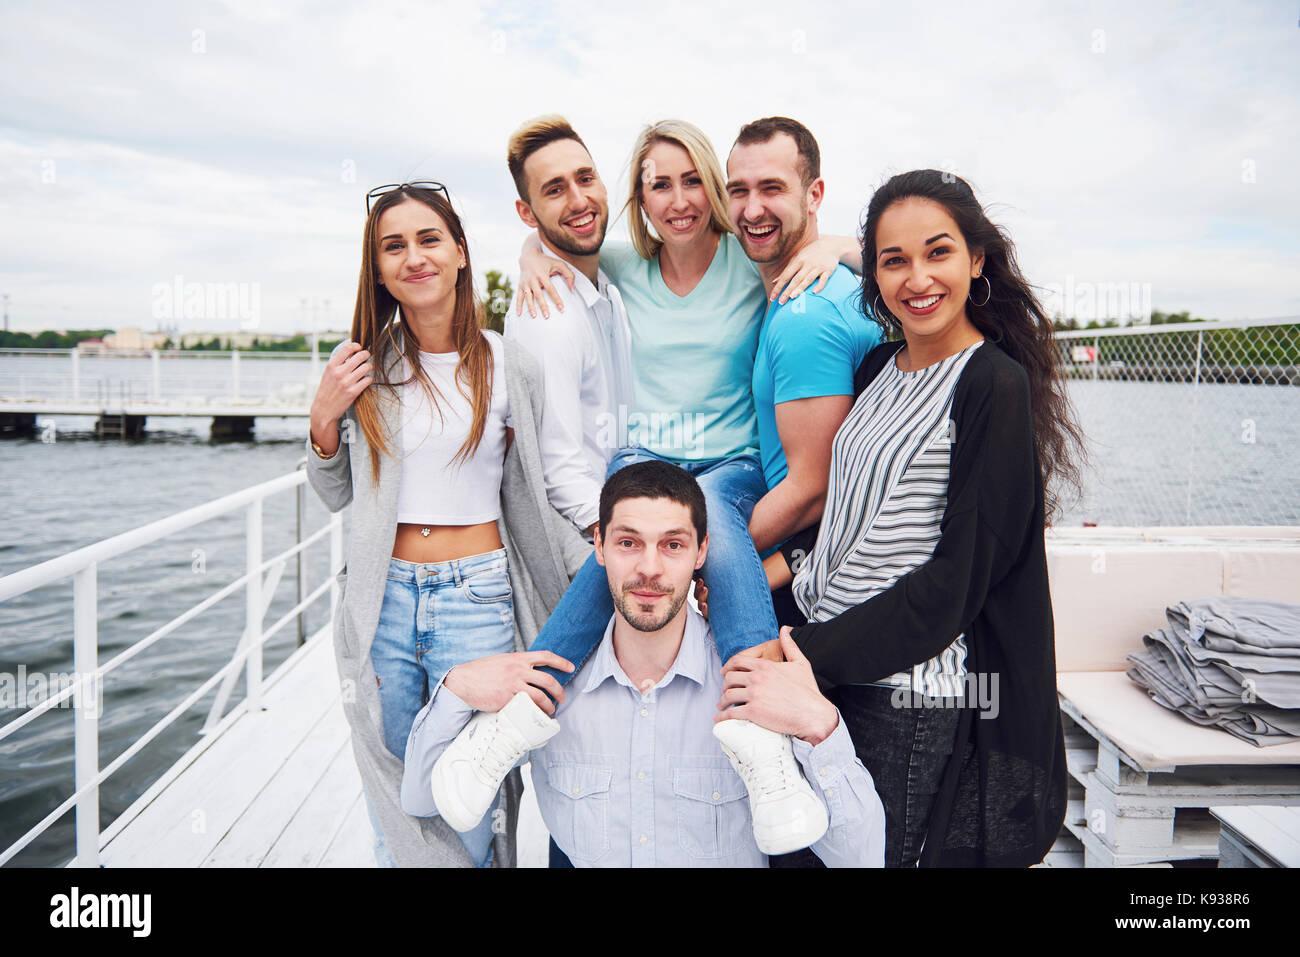 Porträt einer Gruppe junger Leute, die am Rande der Pier, draußen in der Natur. Freunde genießen Stockbild